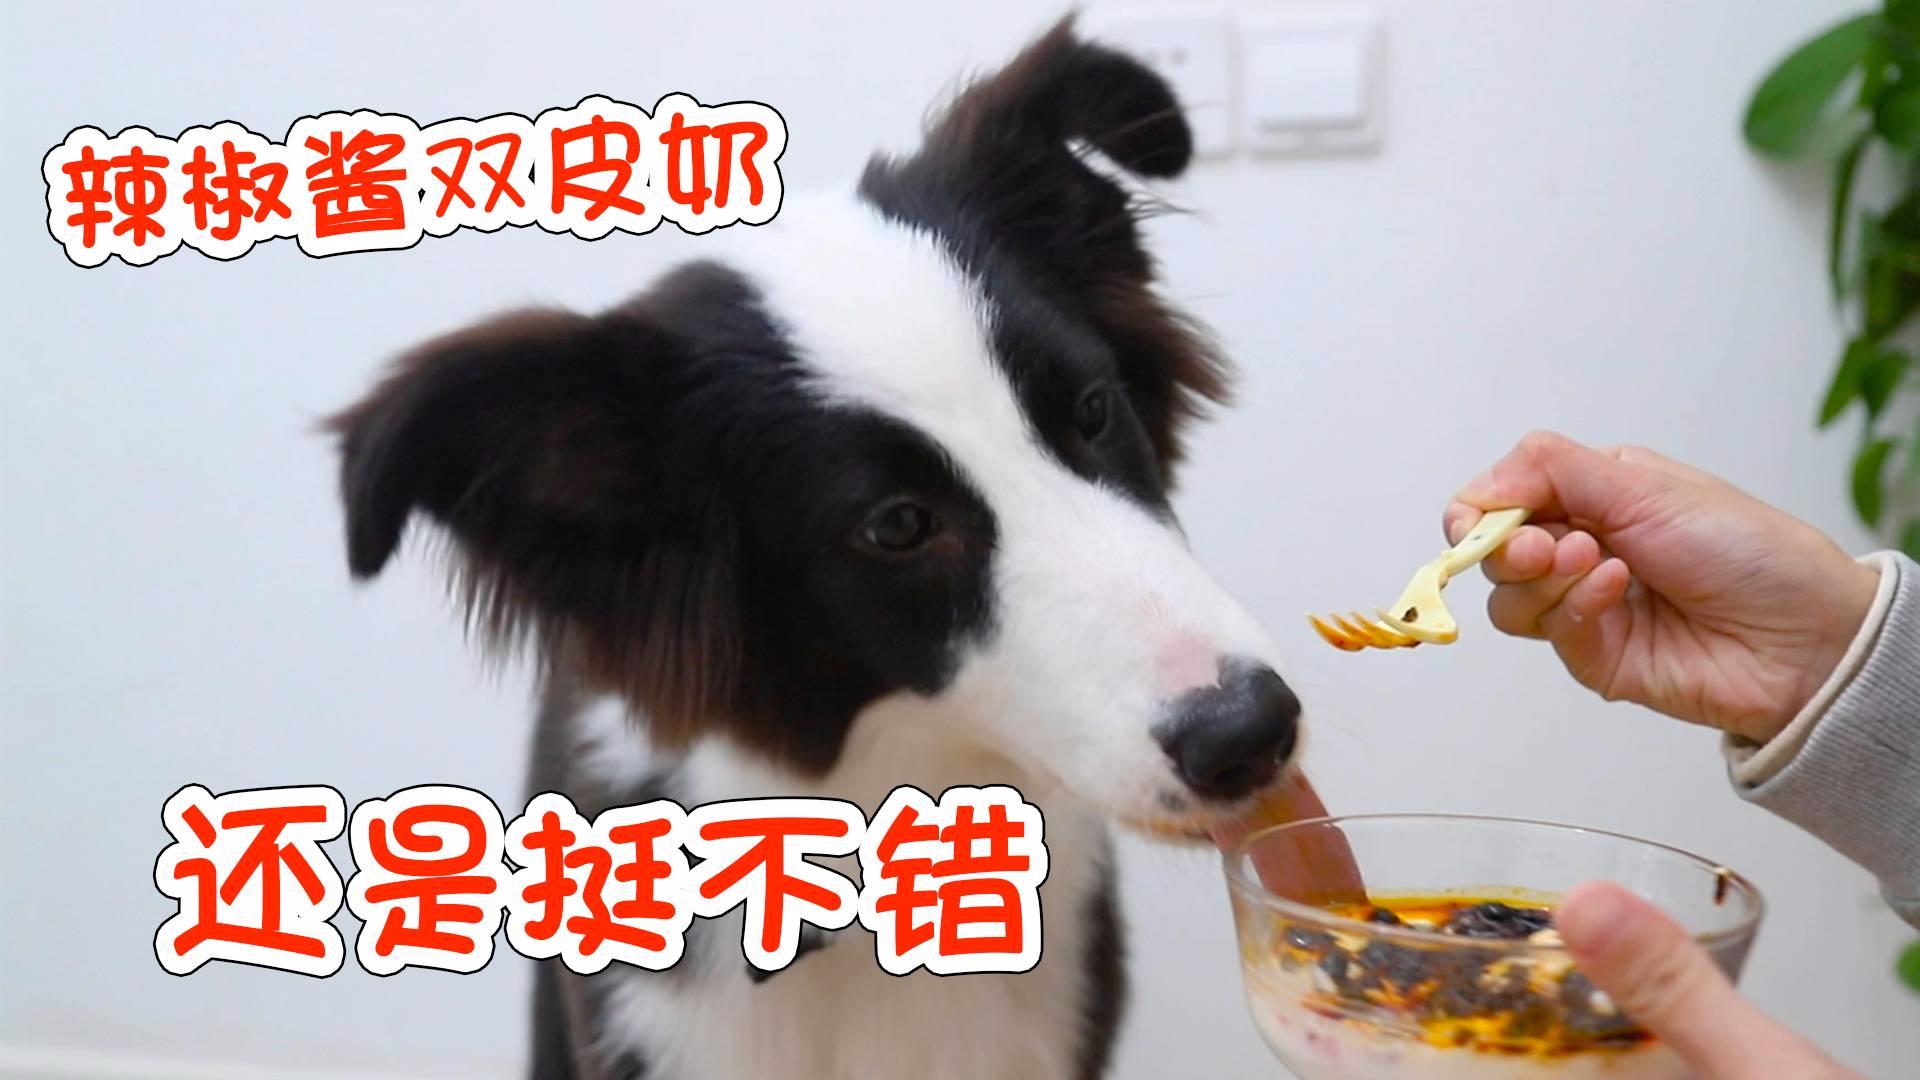 铲屎官恶搞把老干妈当红豆沙混入牛奶布丁,没想到狗狗那么喜欢